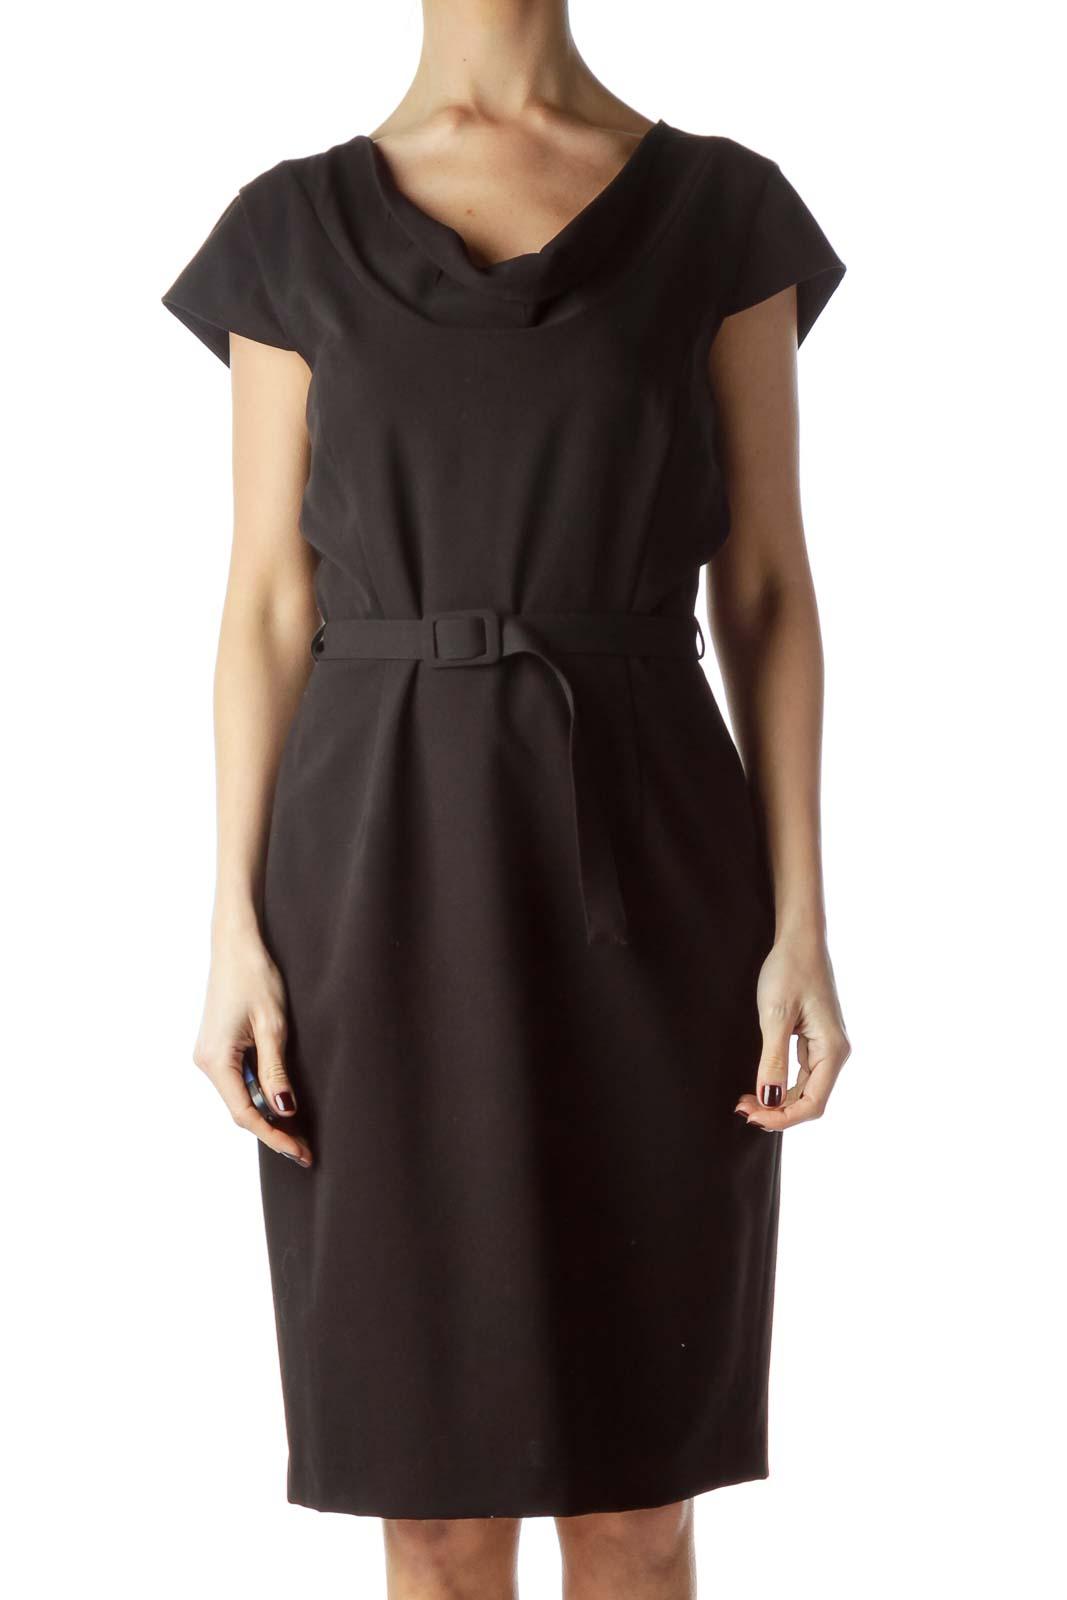 Black Cap Sleeves Belted Work Dress